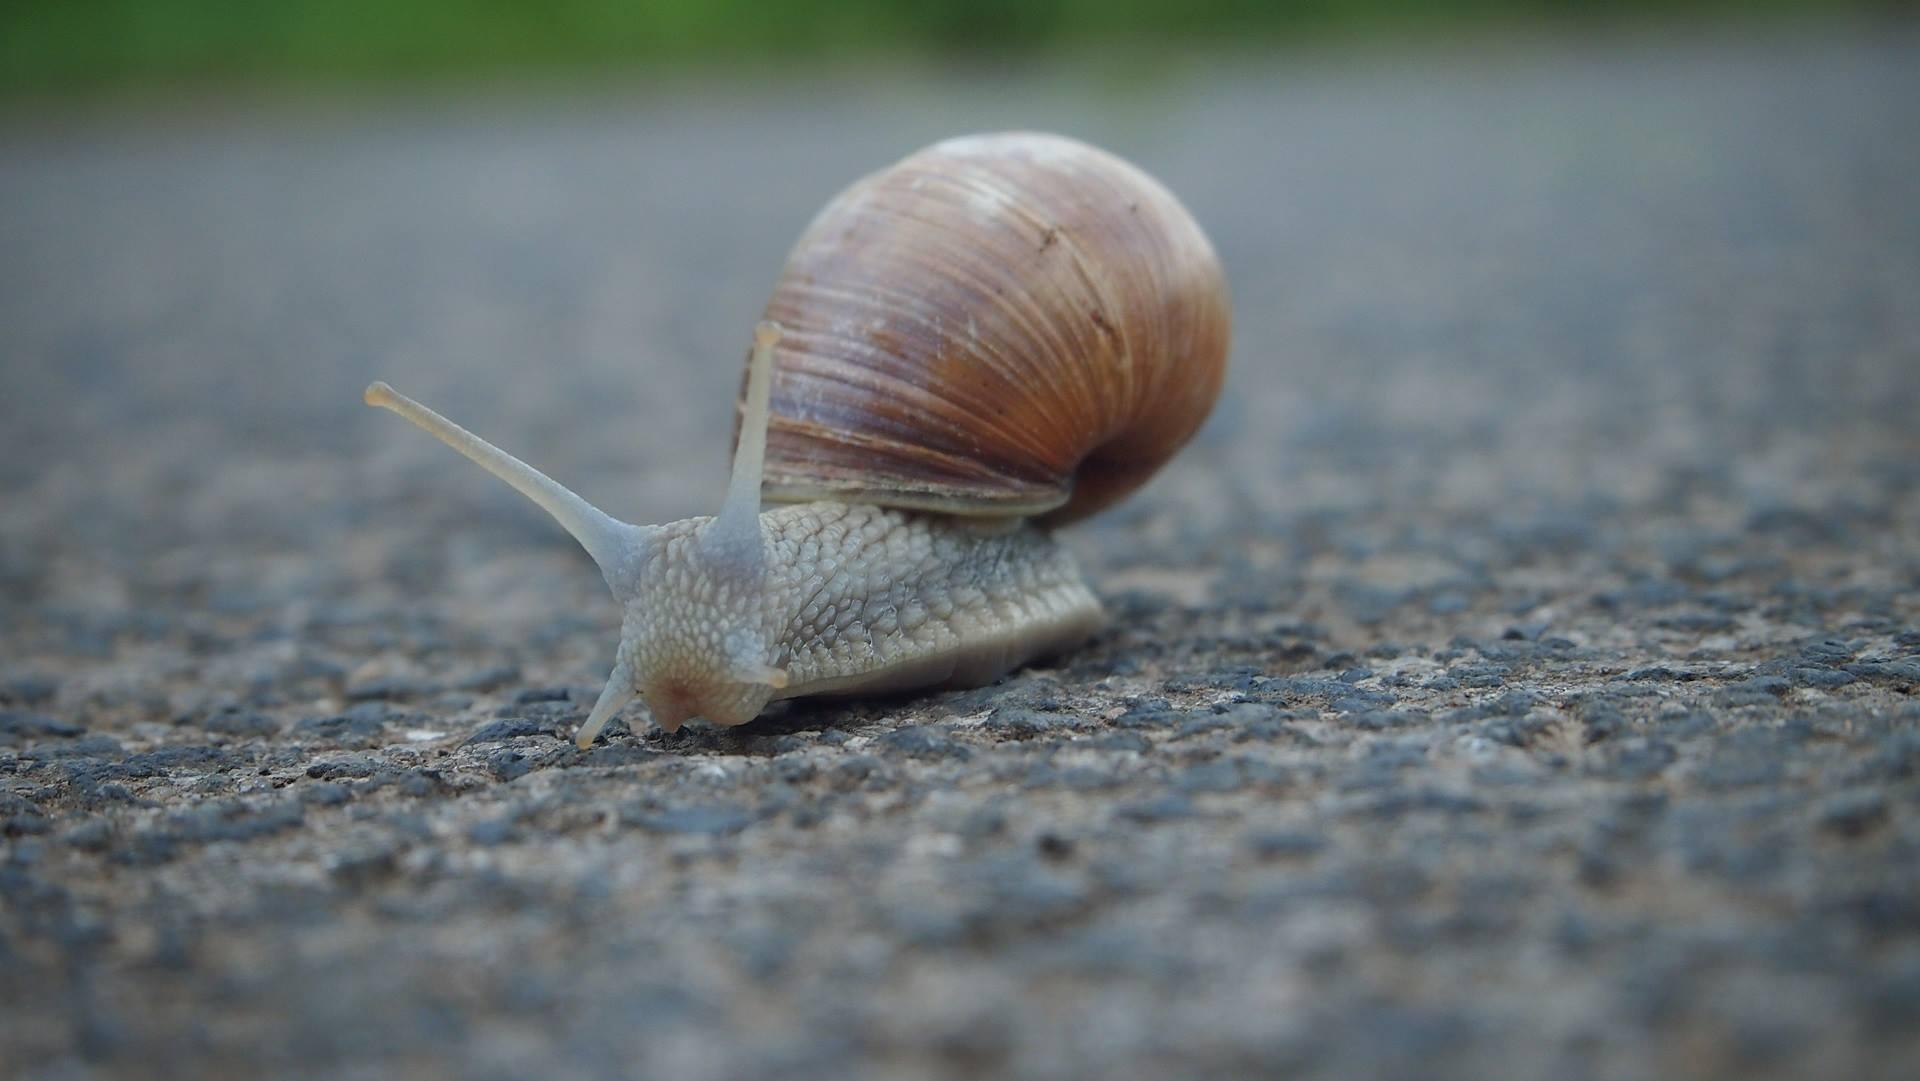 wenig Startgewicht - Foto von Schnecke